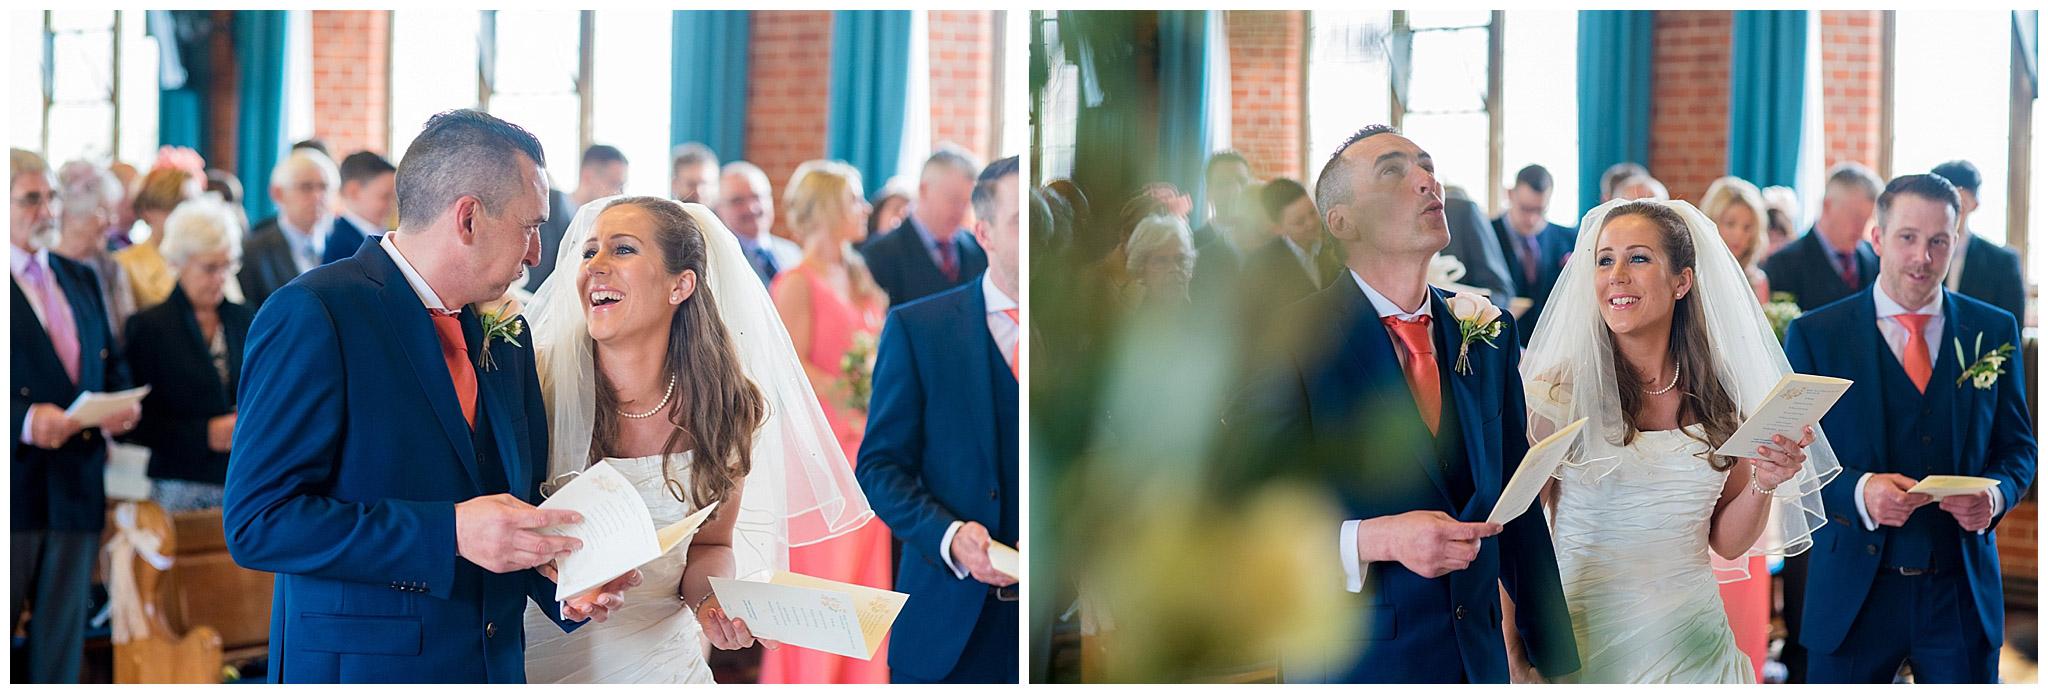 Katie-&-Steve-Victoria-Park-Methodist-Chruch-Winton-&-The-Manor-Burton-Christchurch-Wedding-21